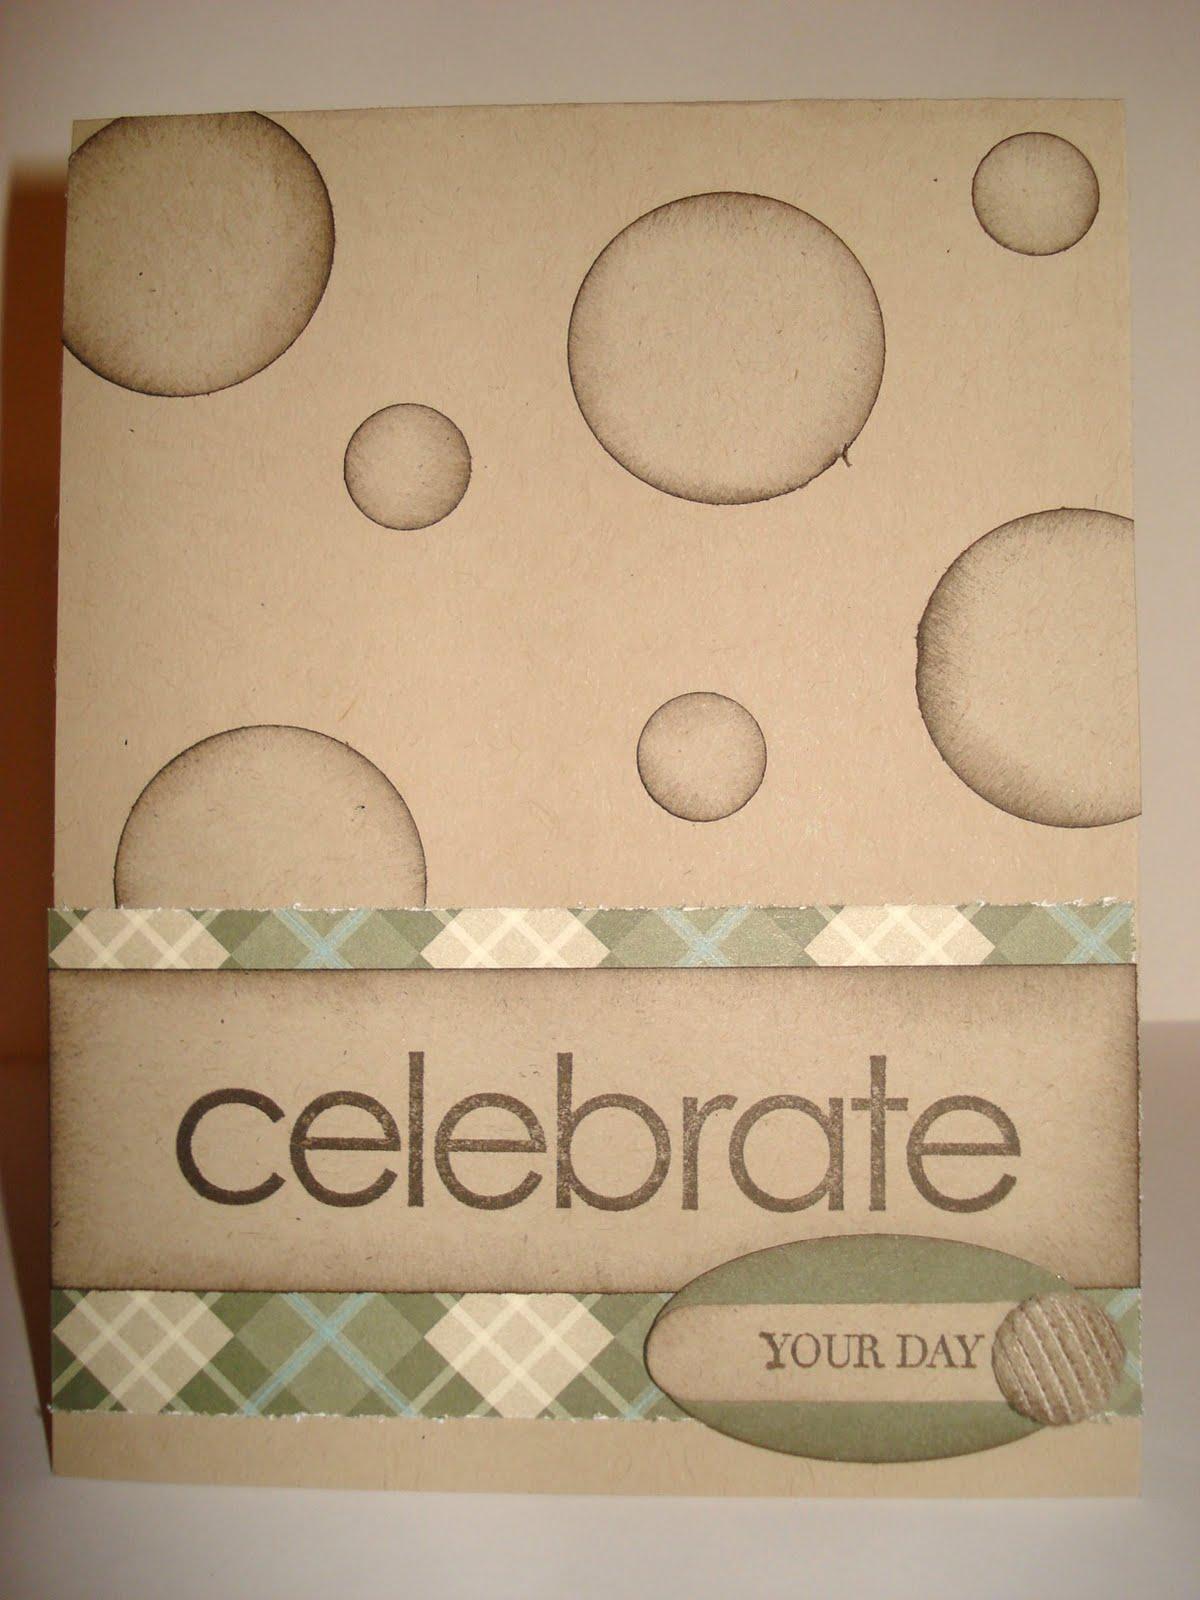 Ballard Designs Happy Birthday Card For A Man